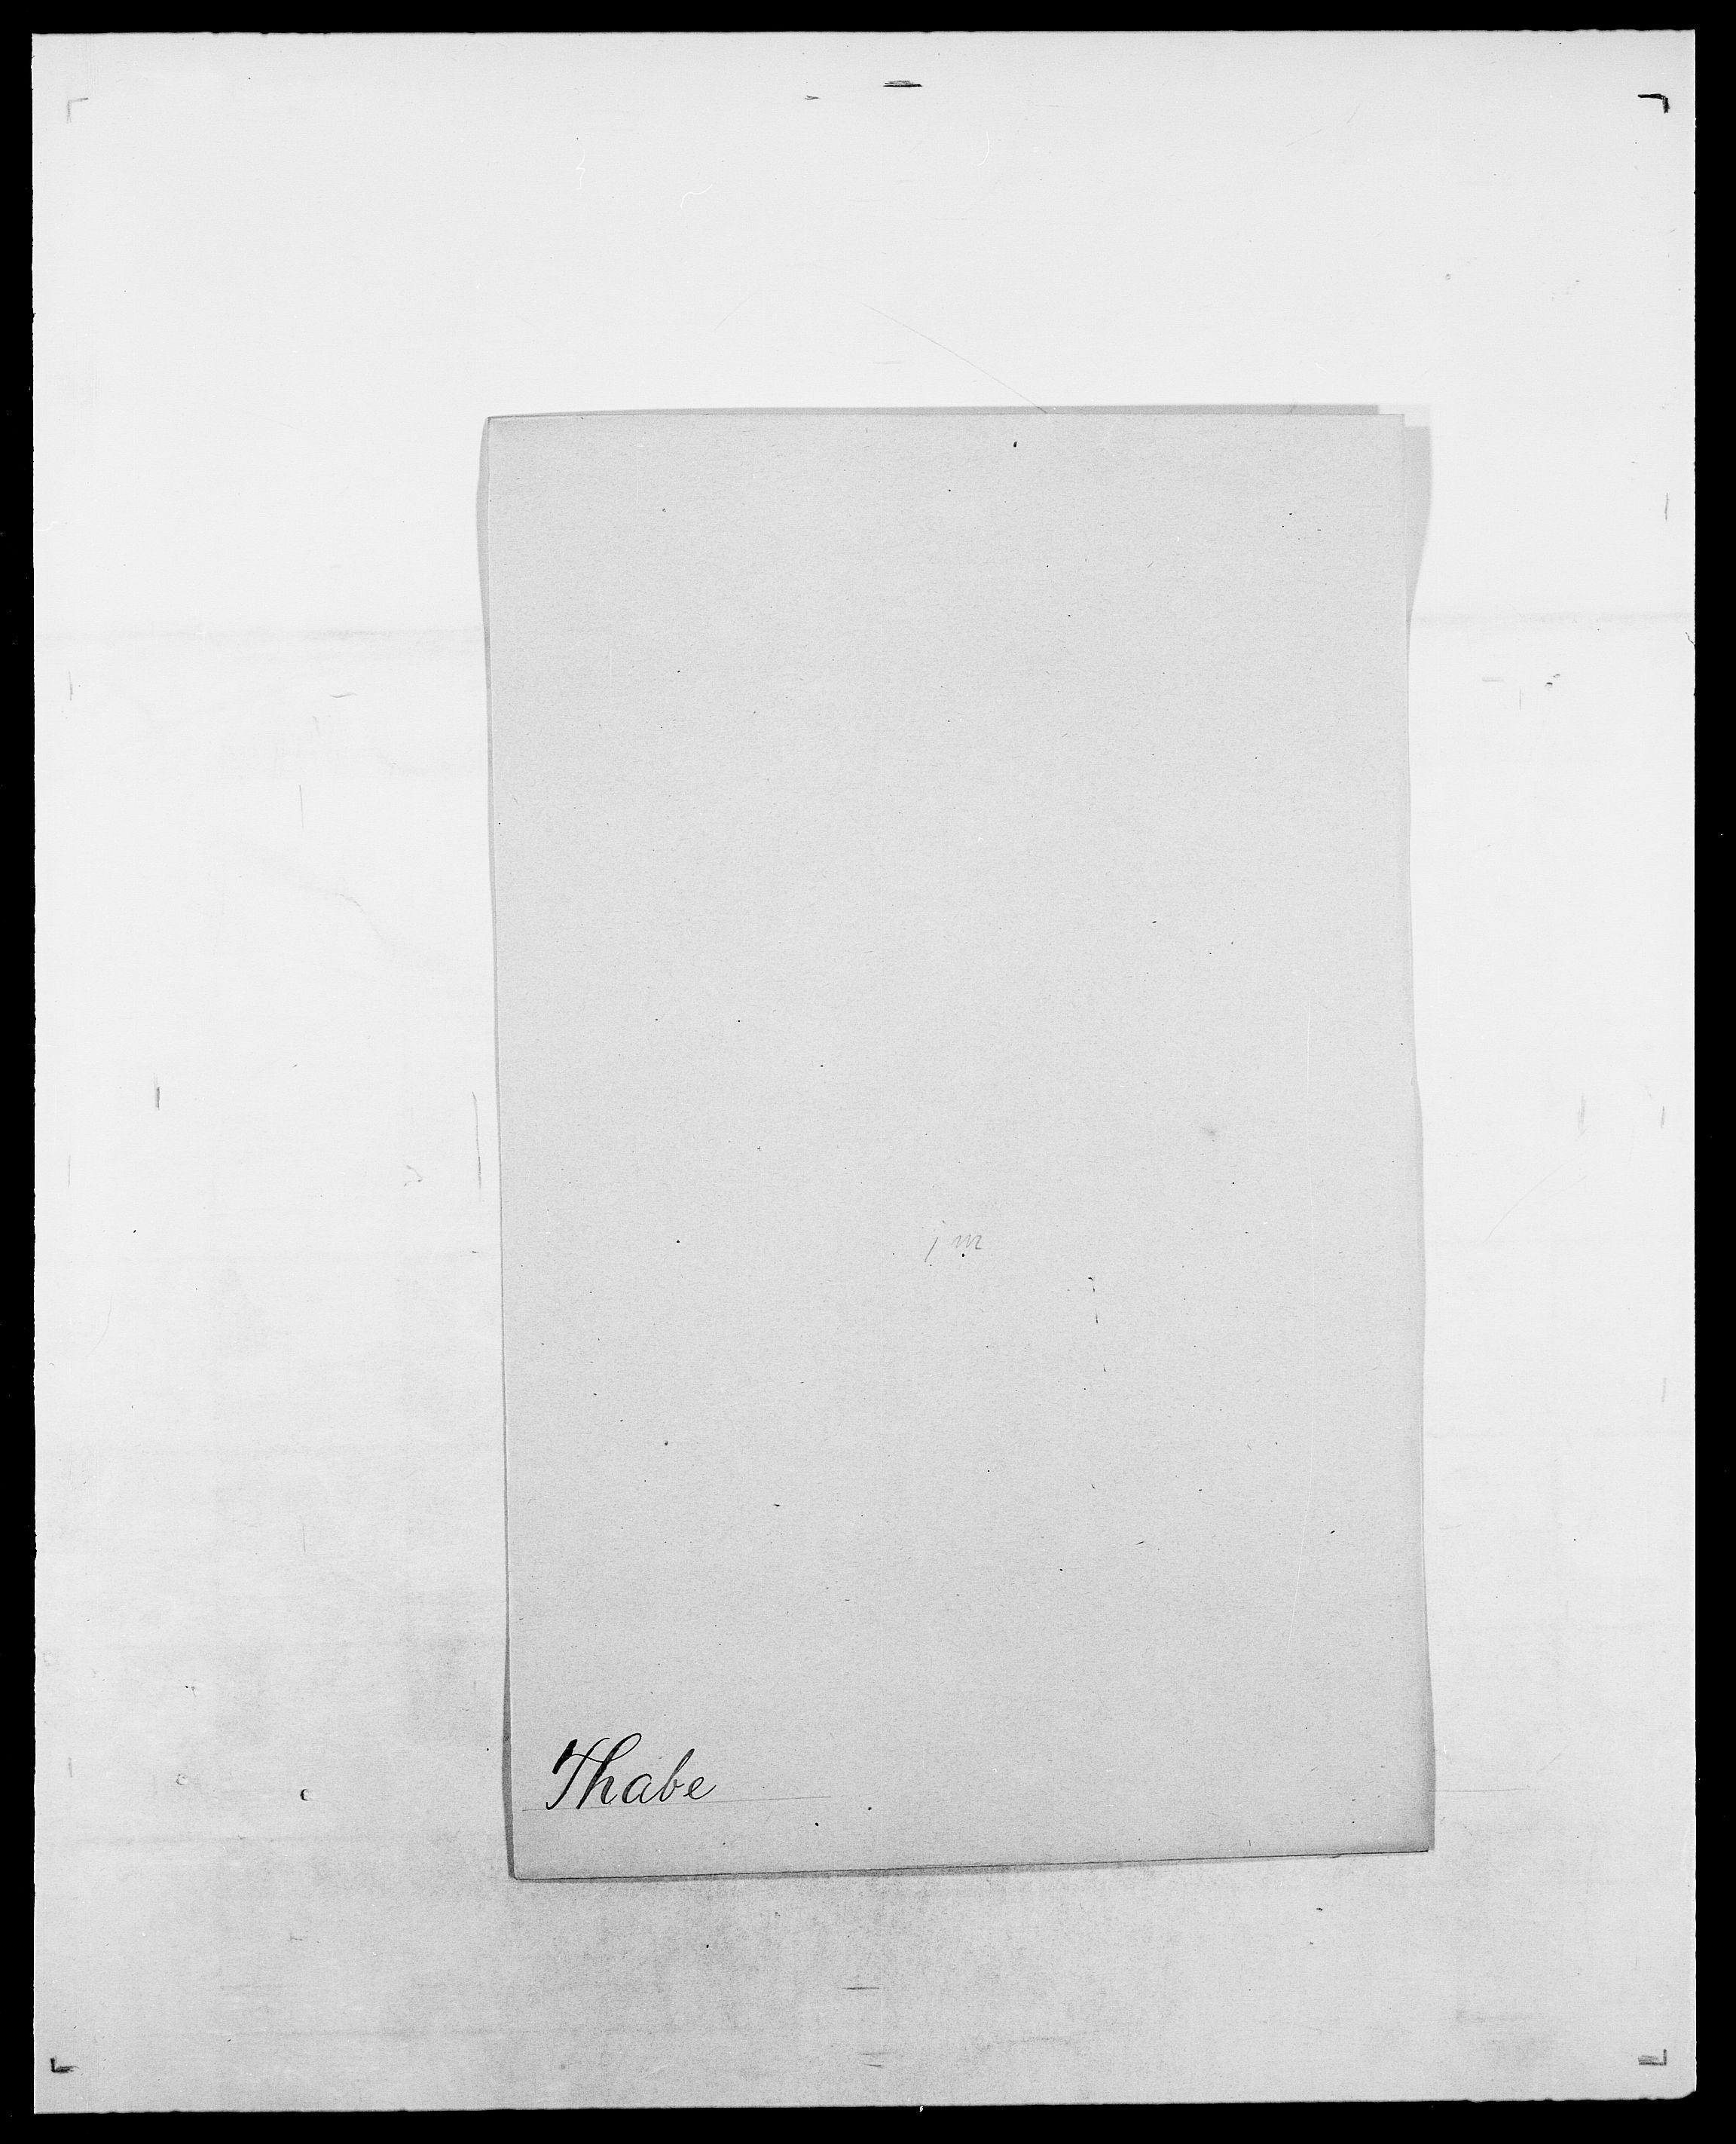 SAO, Delgobe, Charles Antoine - samling, D/Da/L0038: Svanenskjold - Thornsohn, s. 431